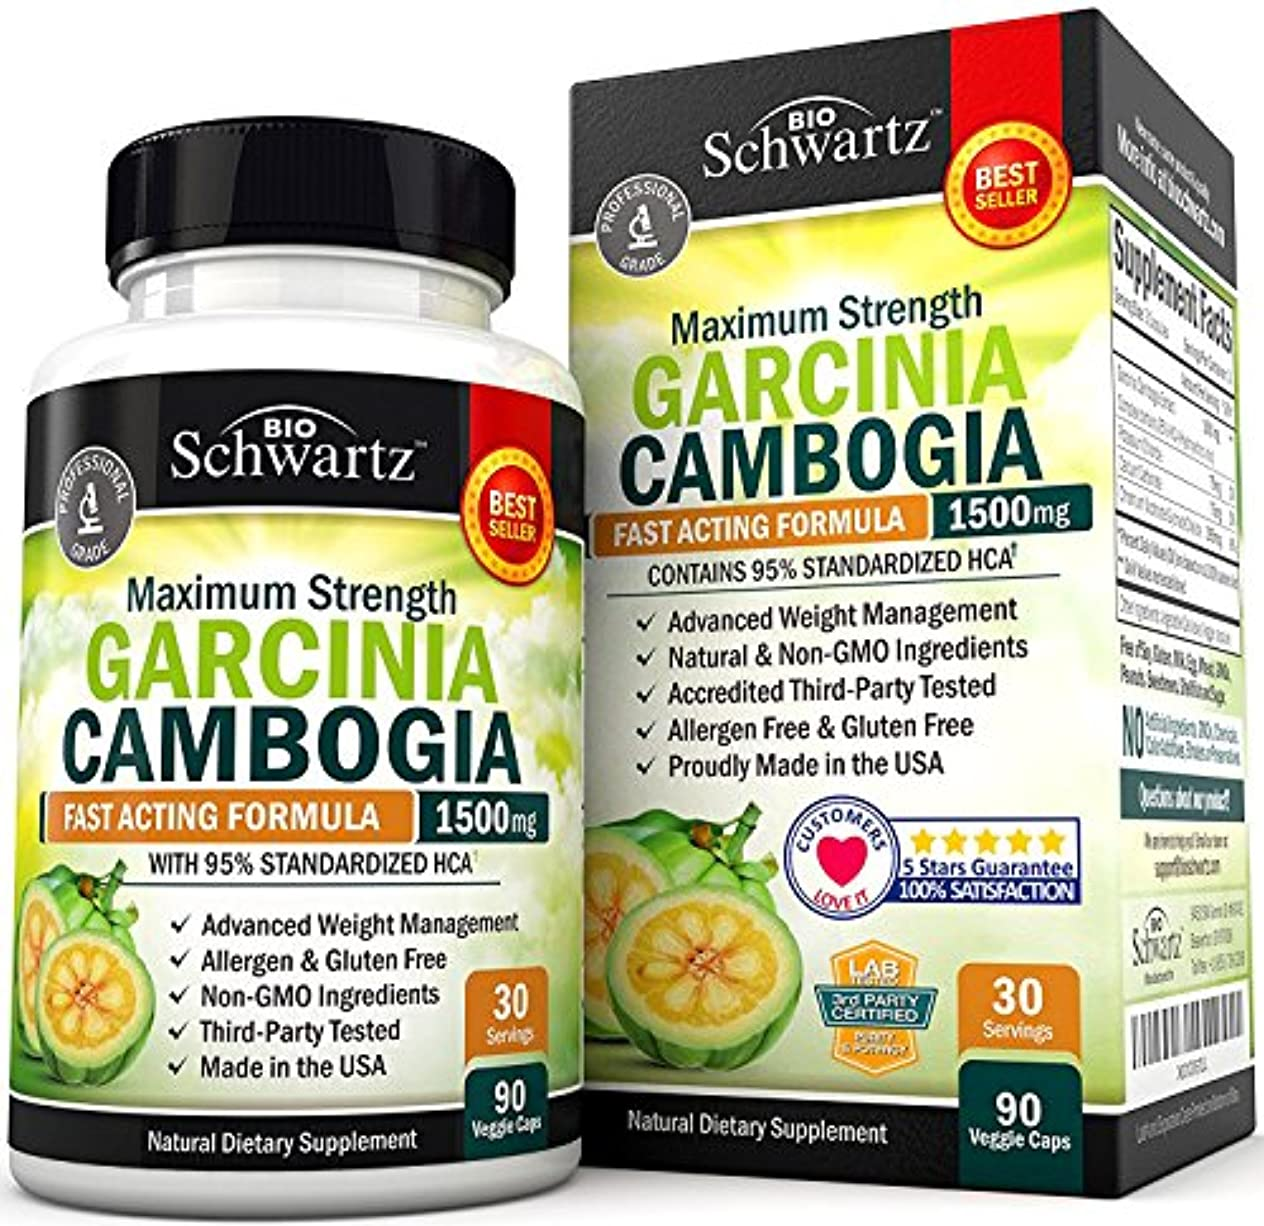 雨罰ロデオBioSchwartz ガルシニア カンボジア Garcinia Cambogia 95% HCA 1500mg 90粒